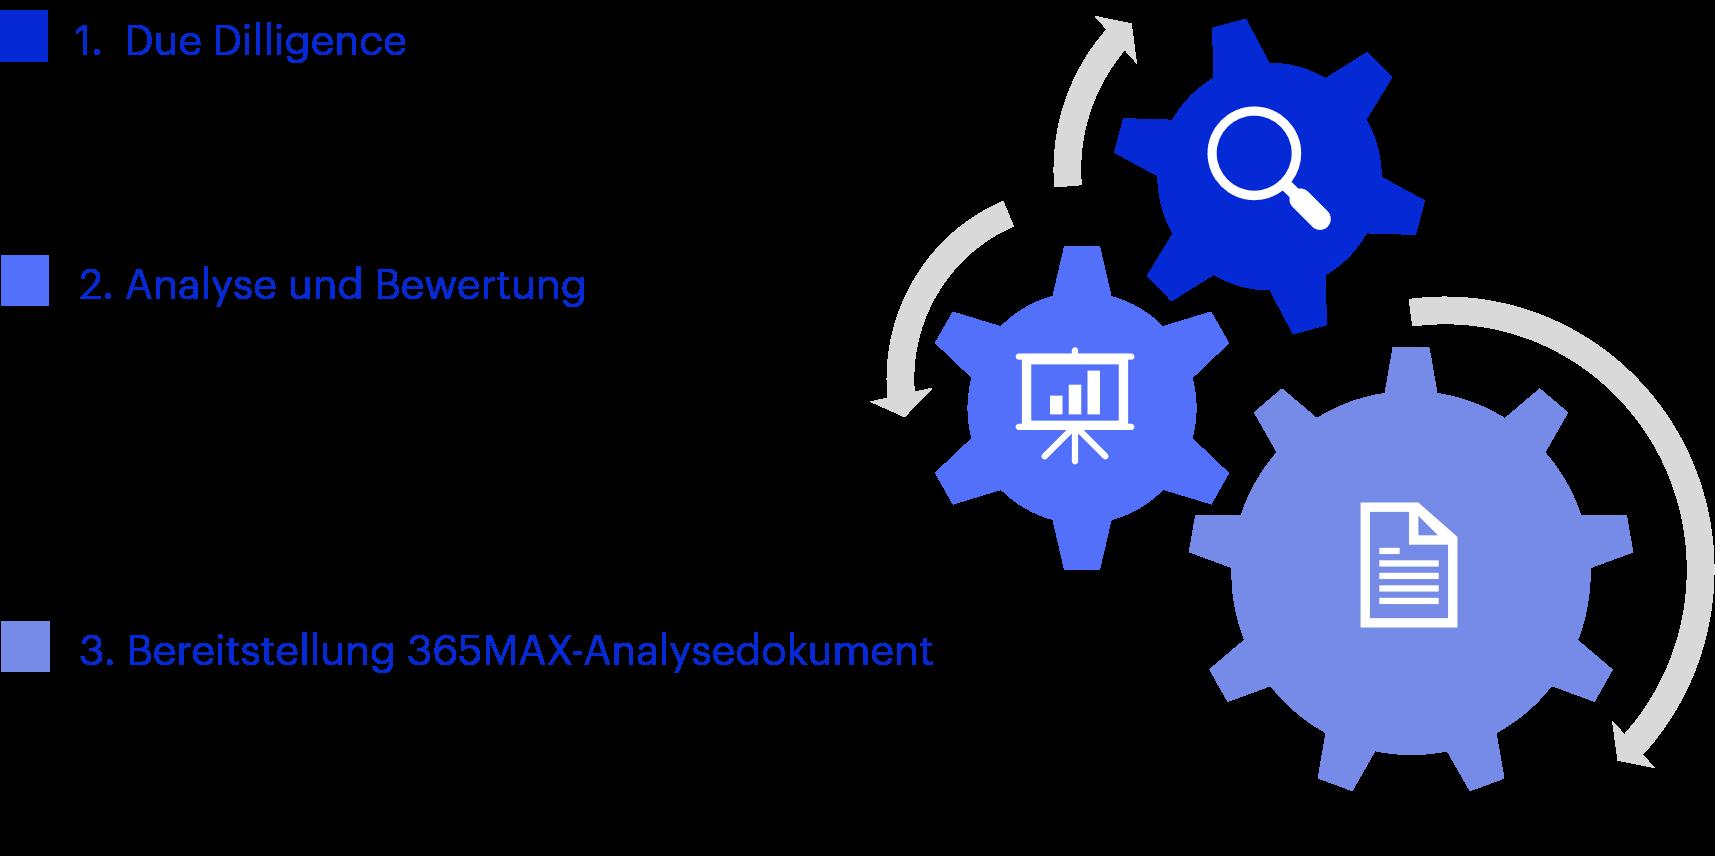 Vorgehensmodell matrix iQ 365MAX